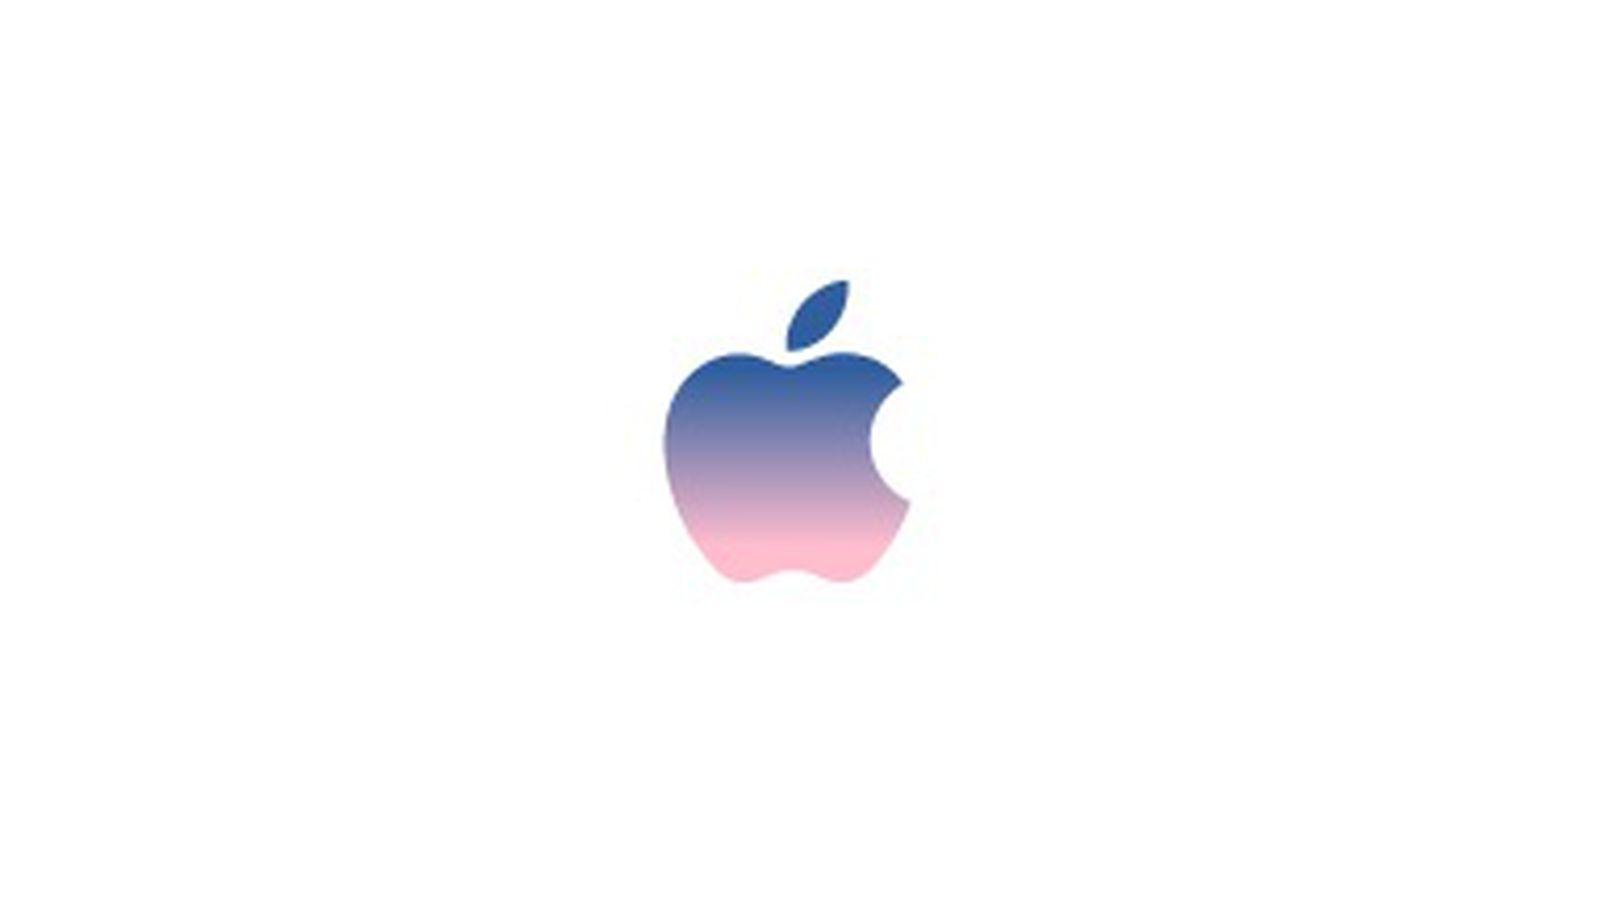 Twitter Hashflag for September 14 Apple Event Goes Live